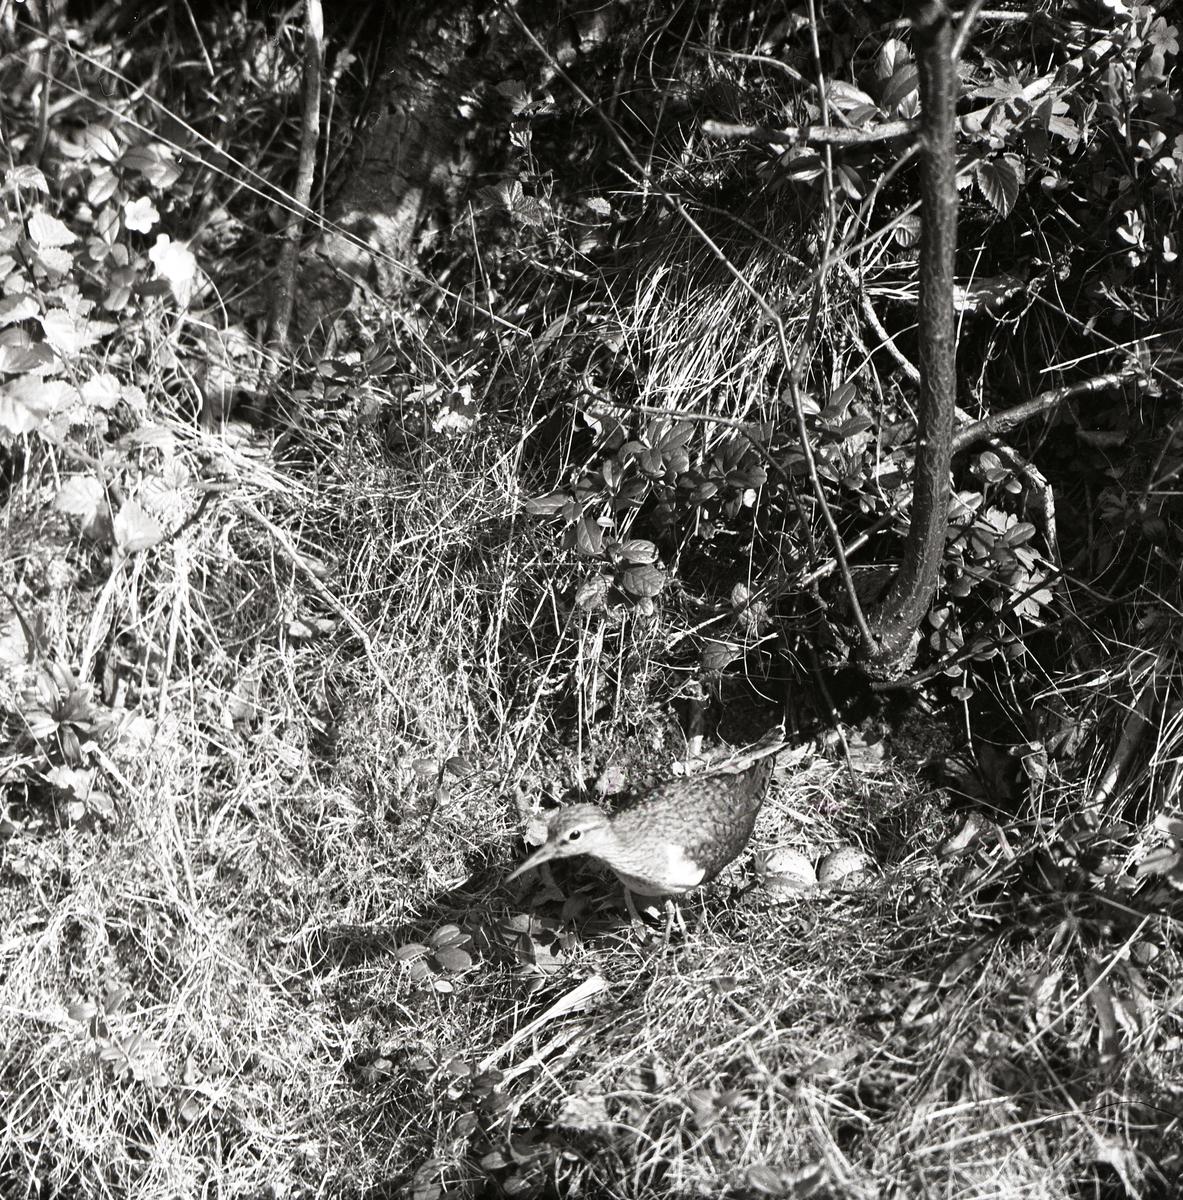 En drillsnäppa vaktar sitt bo med ägg. Boet är placerat på marken bland grenar och blad.